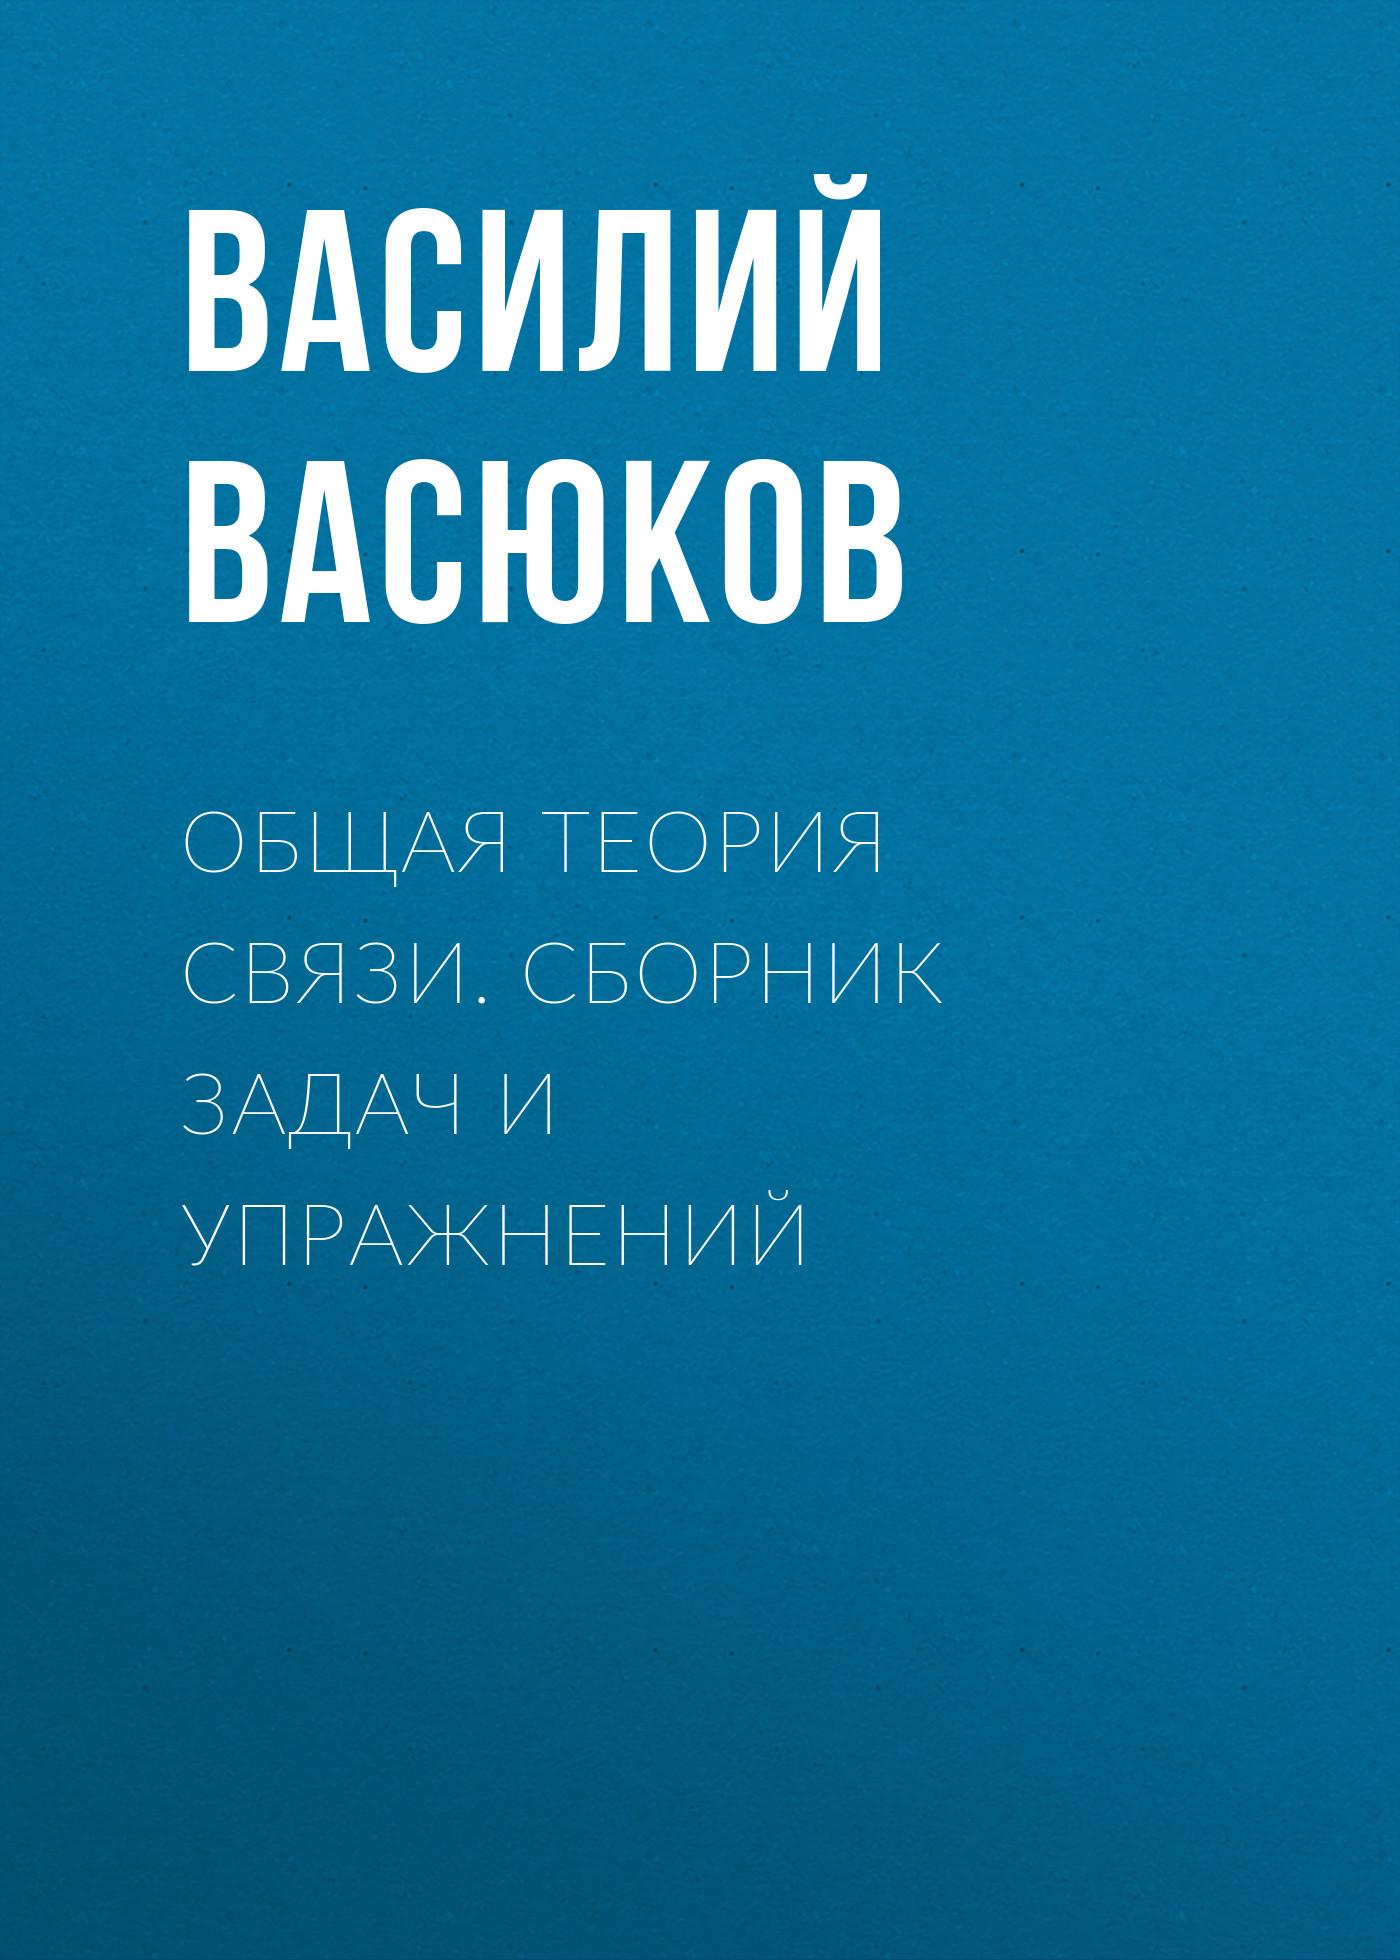 Василий Васюков Общая теория связи. Сборник задач и упражнений корабельные оптические системы связи